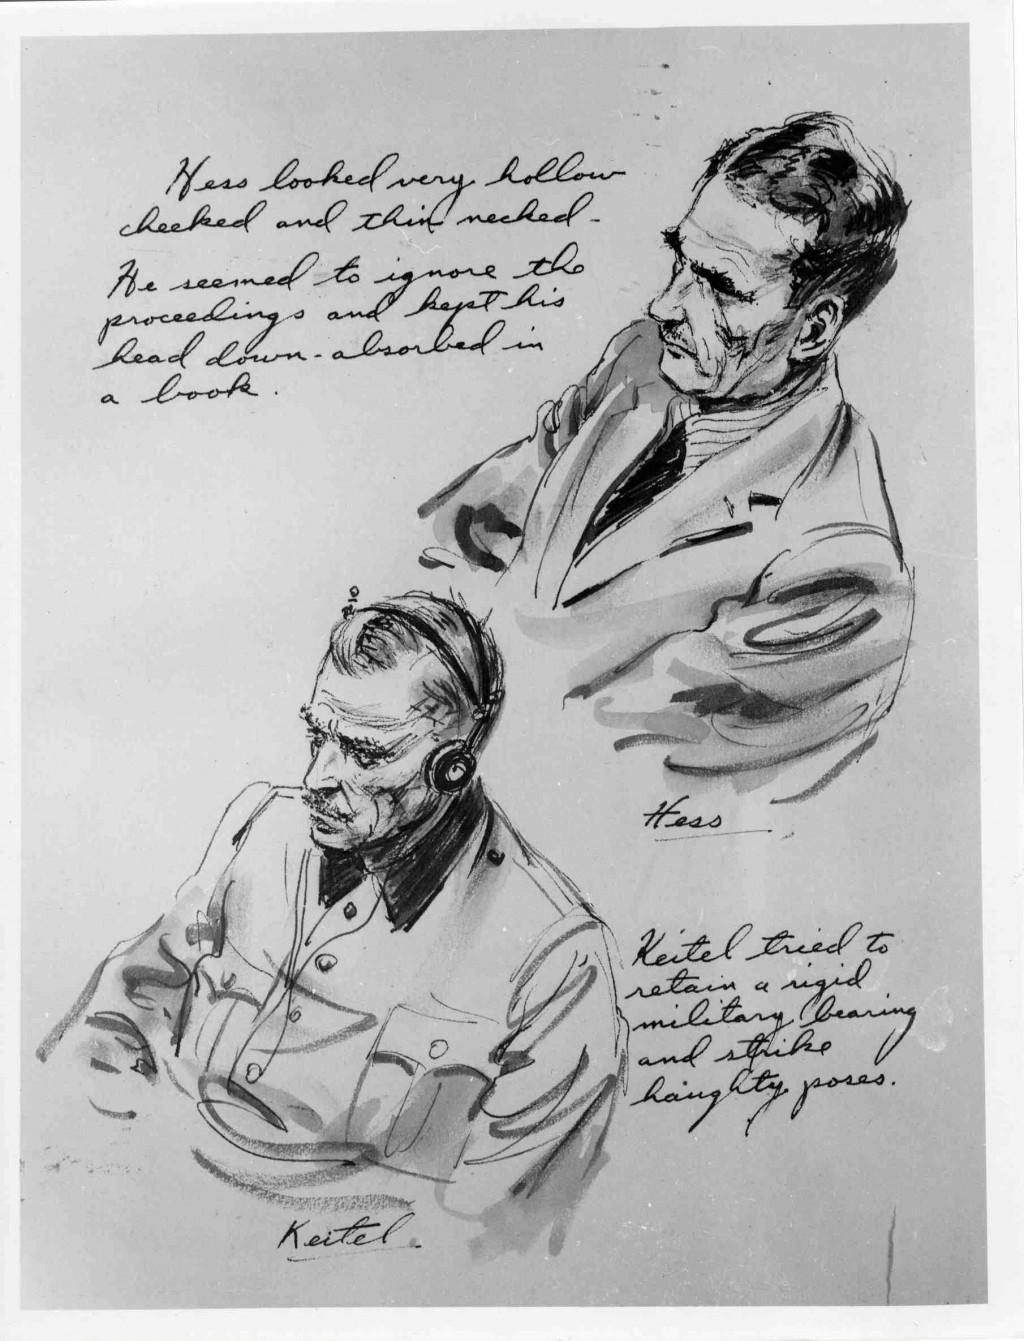 Edward Vebell courtroom sketch [LCID: 2005i97a]